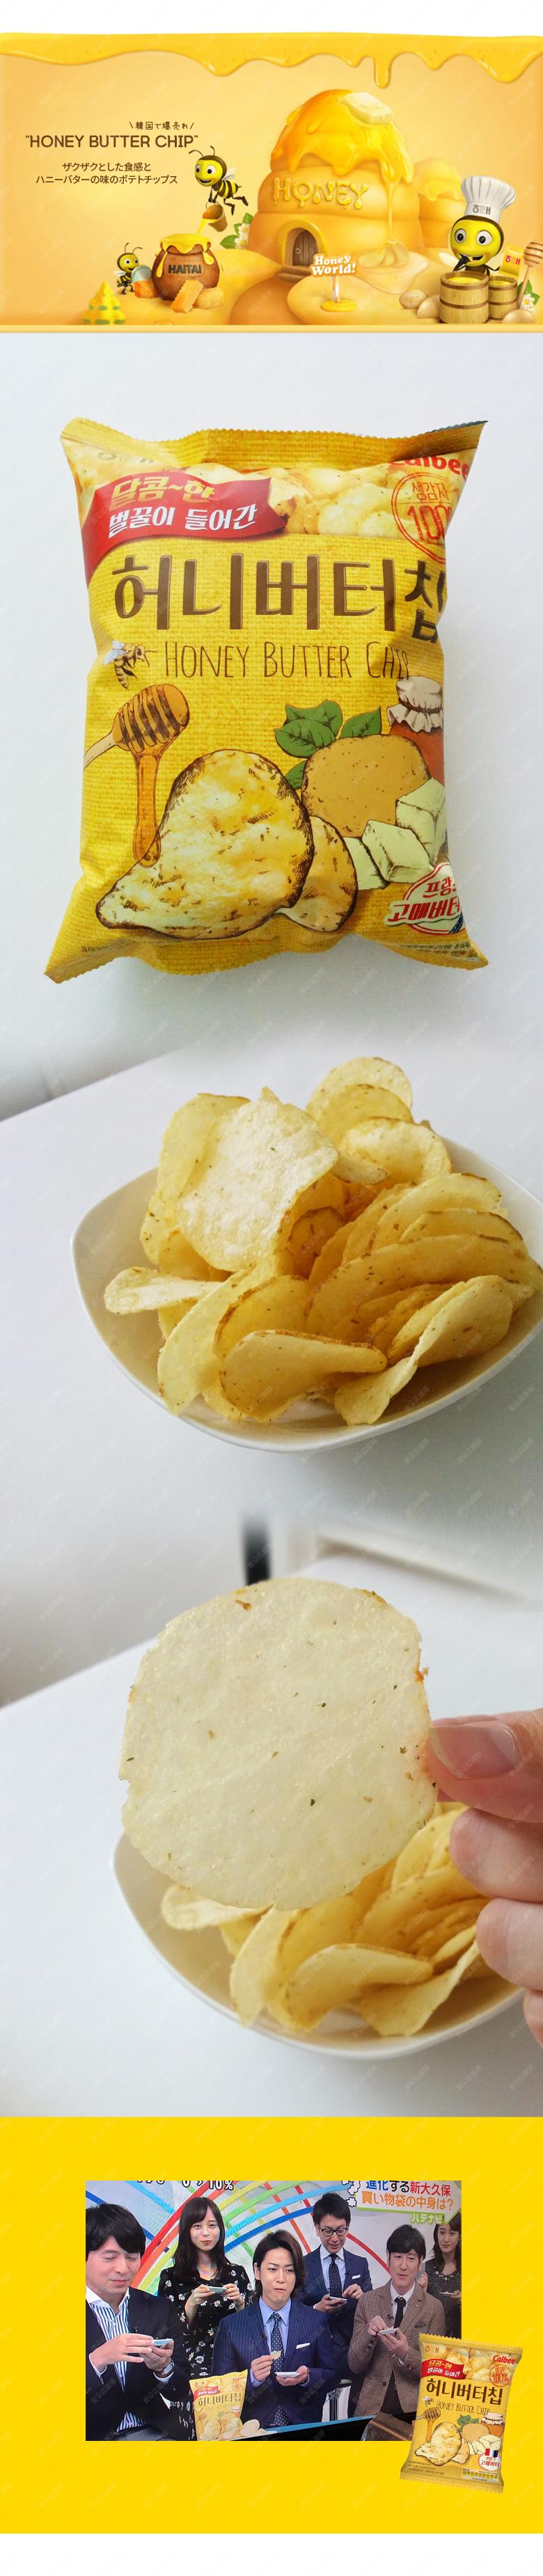 ハニーバターチップス